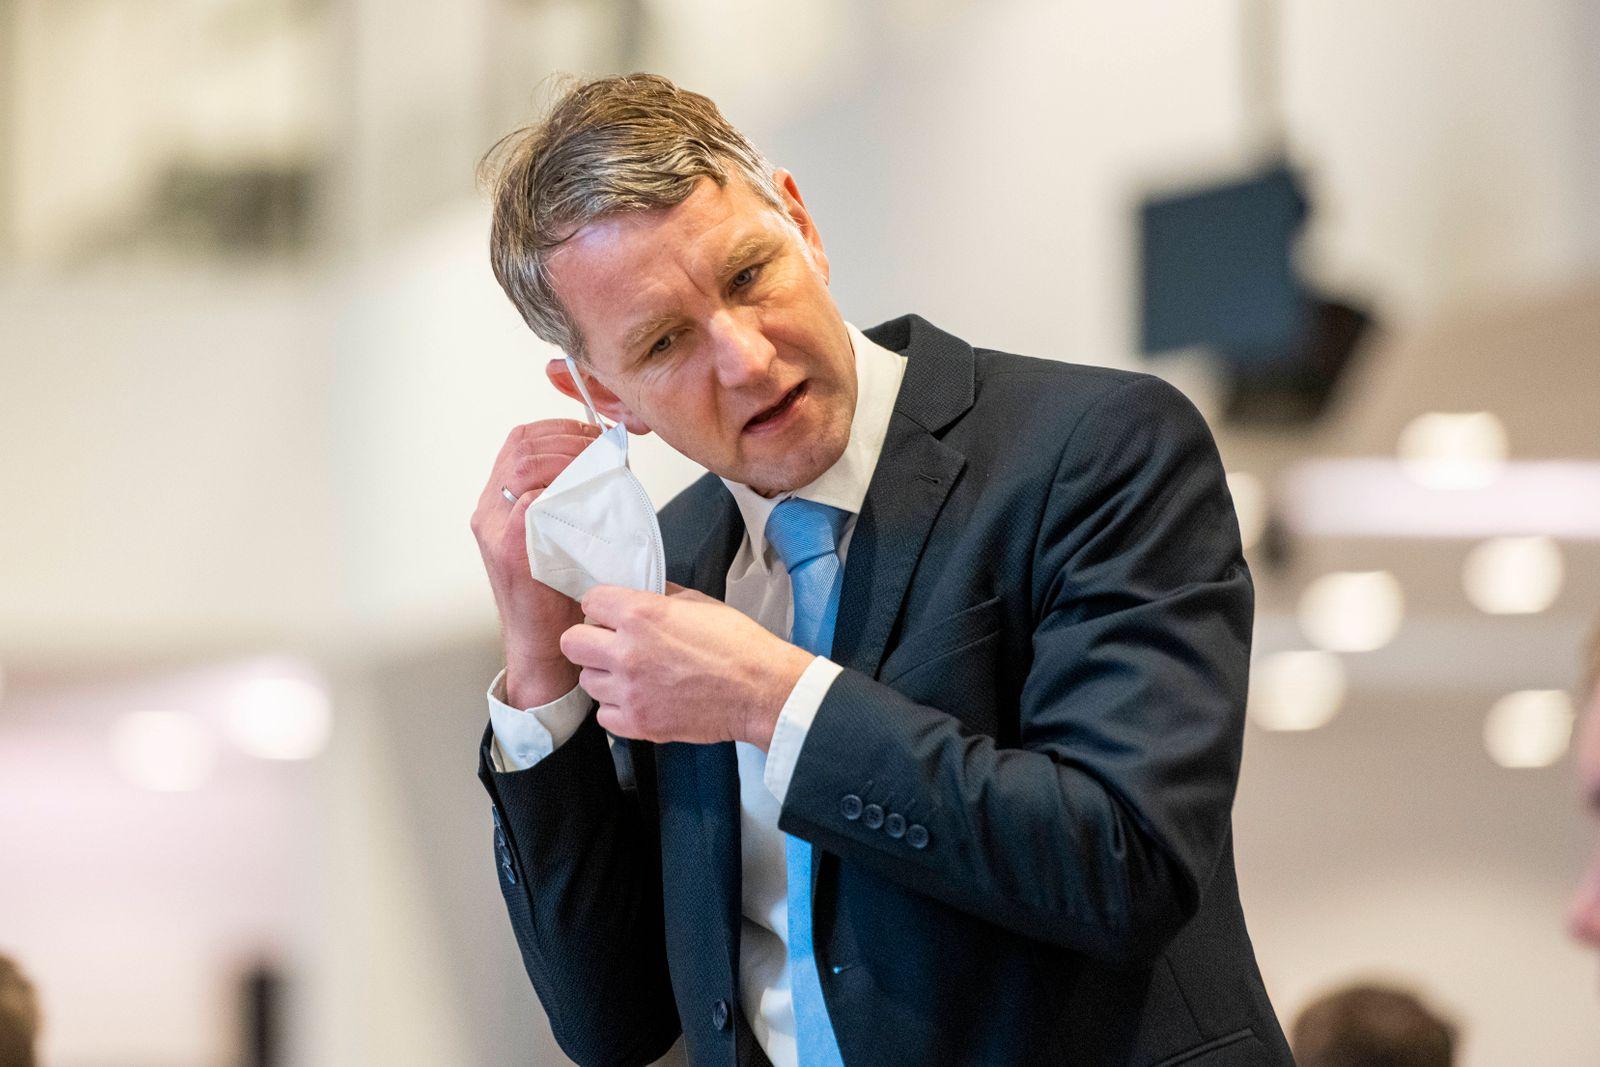 36. PLENARSITZUNG IM THÜRINGER LANDTAG 05/02/2021 - Erfurt: Björn Höcke (AfD) setzt seine FFP2-Maske ab in der 36. Plen